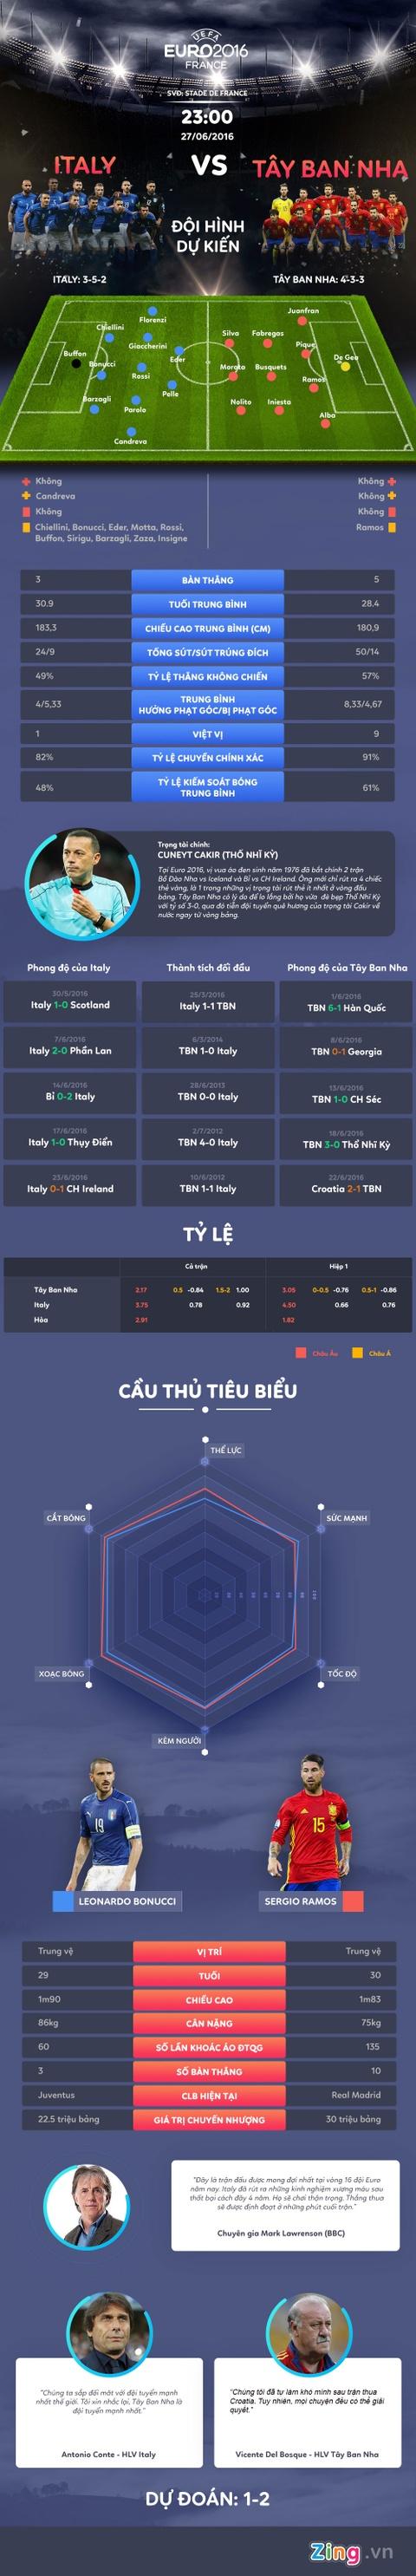 Italy vs Tay Ban Nha: Bay gio hoac khong bao gio hinh anh 1